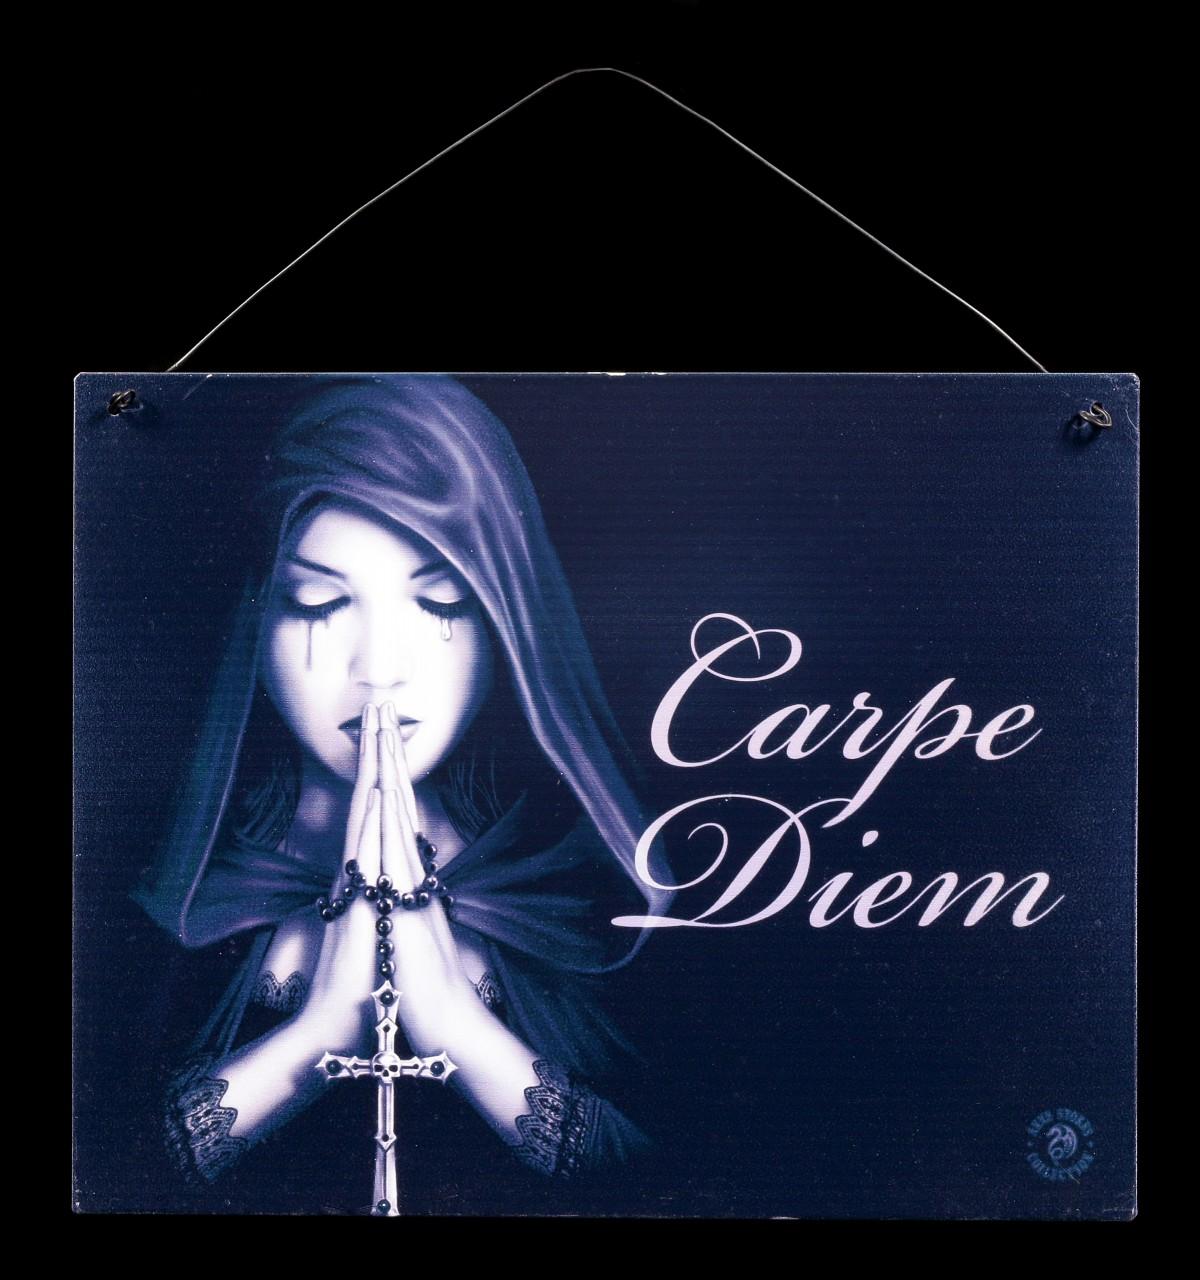 Gothic Prayer Metall Schild - Carpe Diem